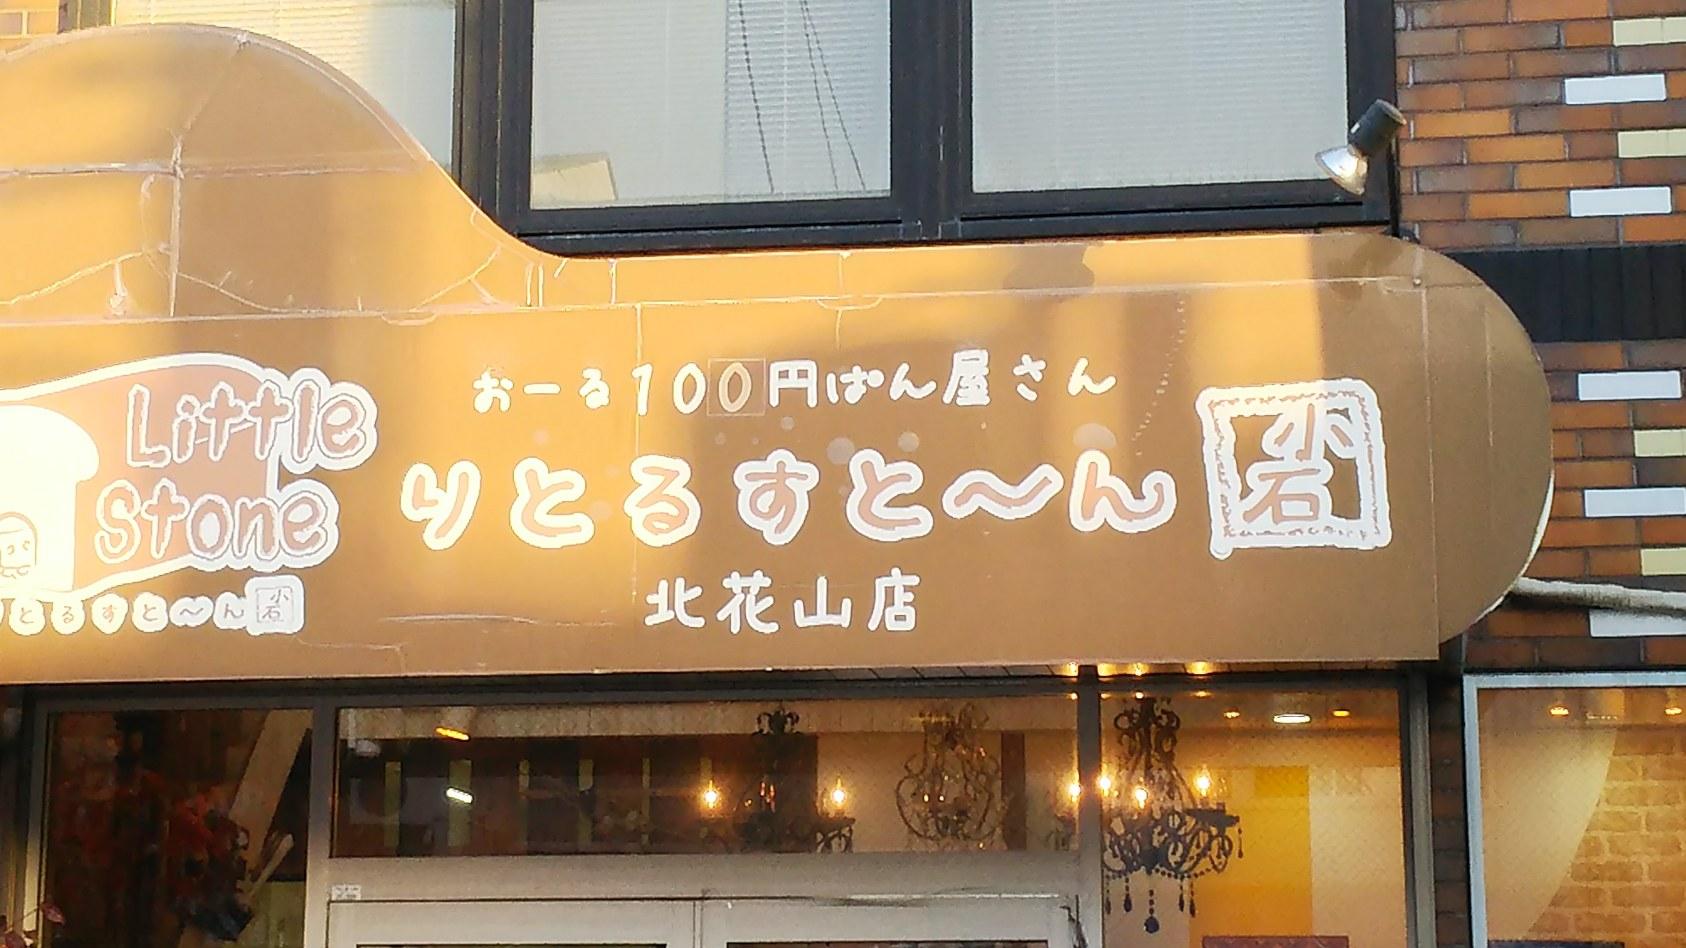 リトルストーン(山科区/パン屋さん)